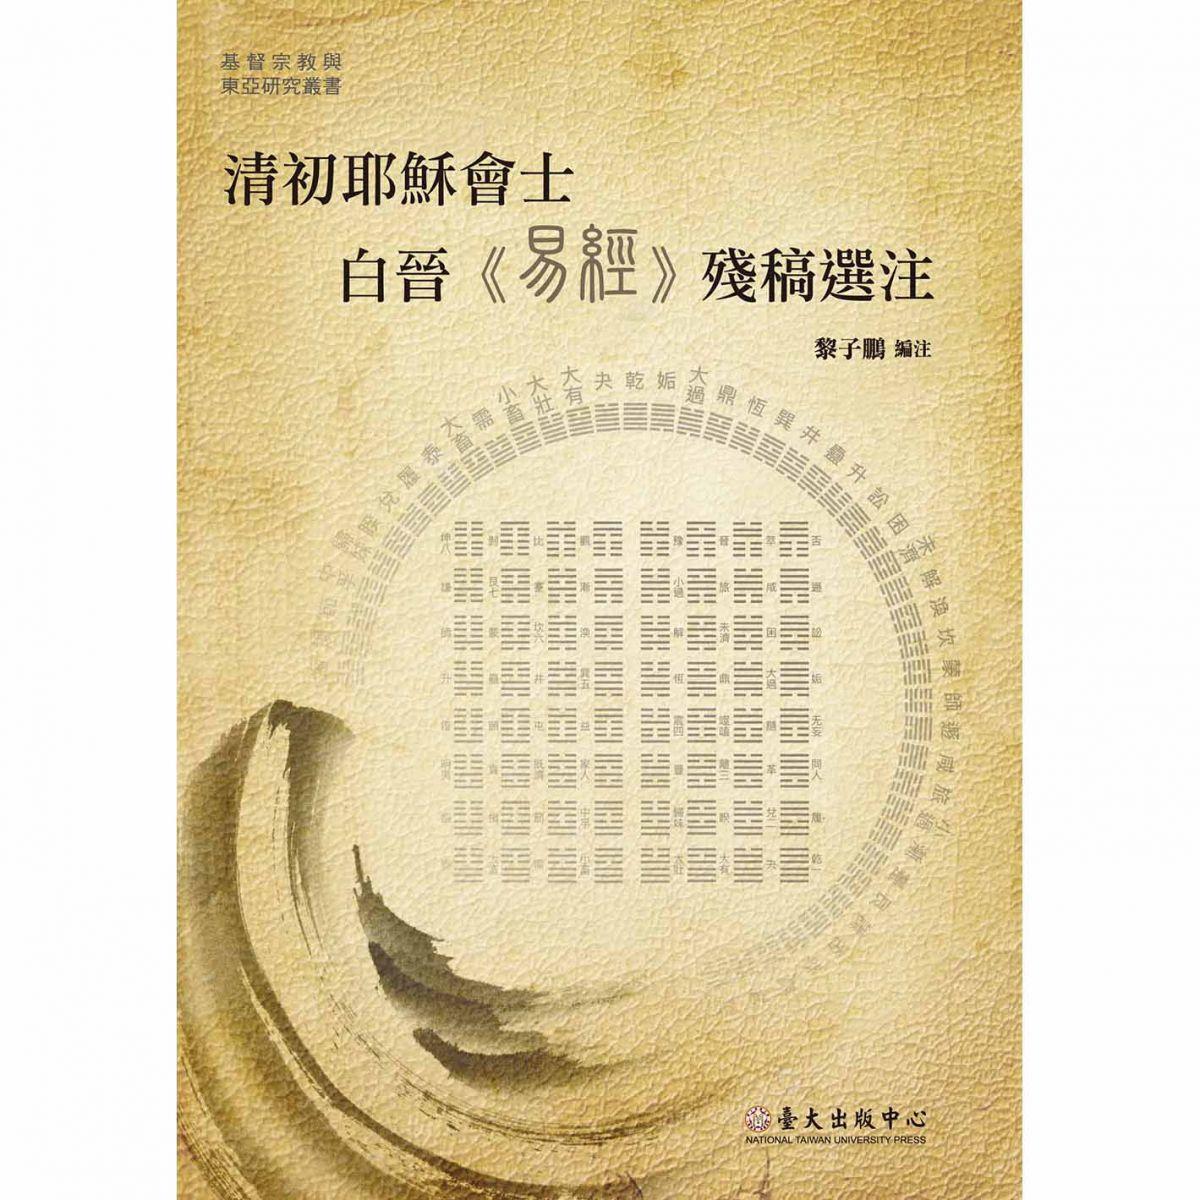 《清初耶穌會士白晉《易經》殘稿選注》析論中西宗教文化交流史